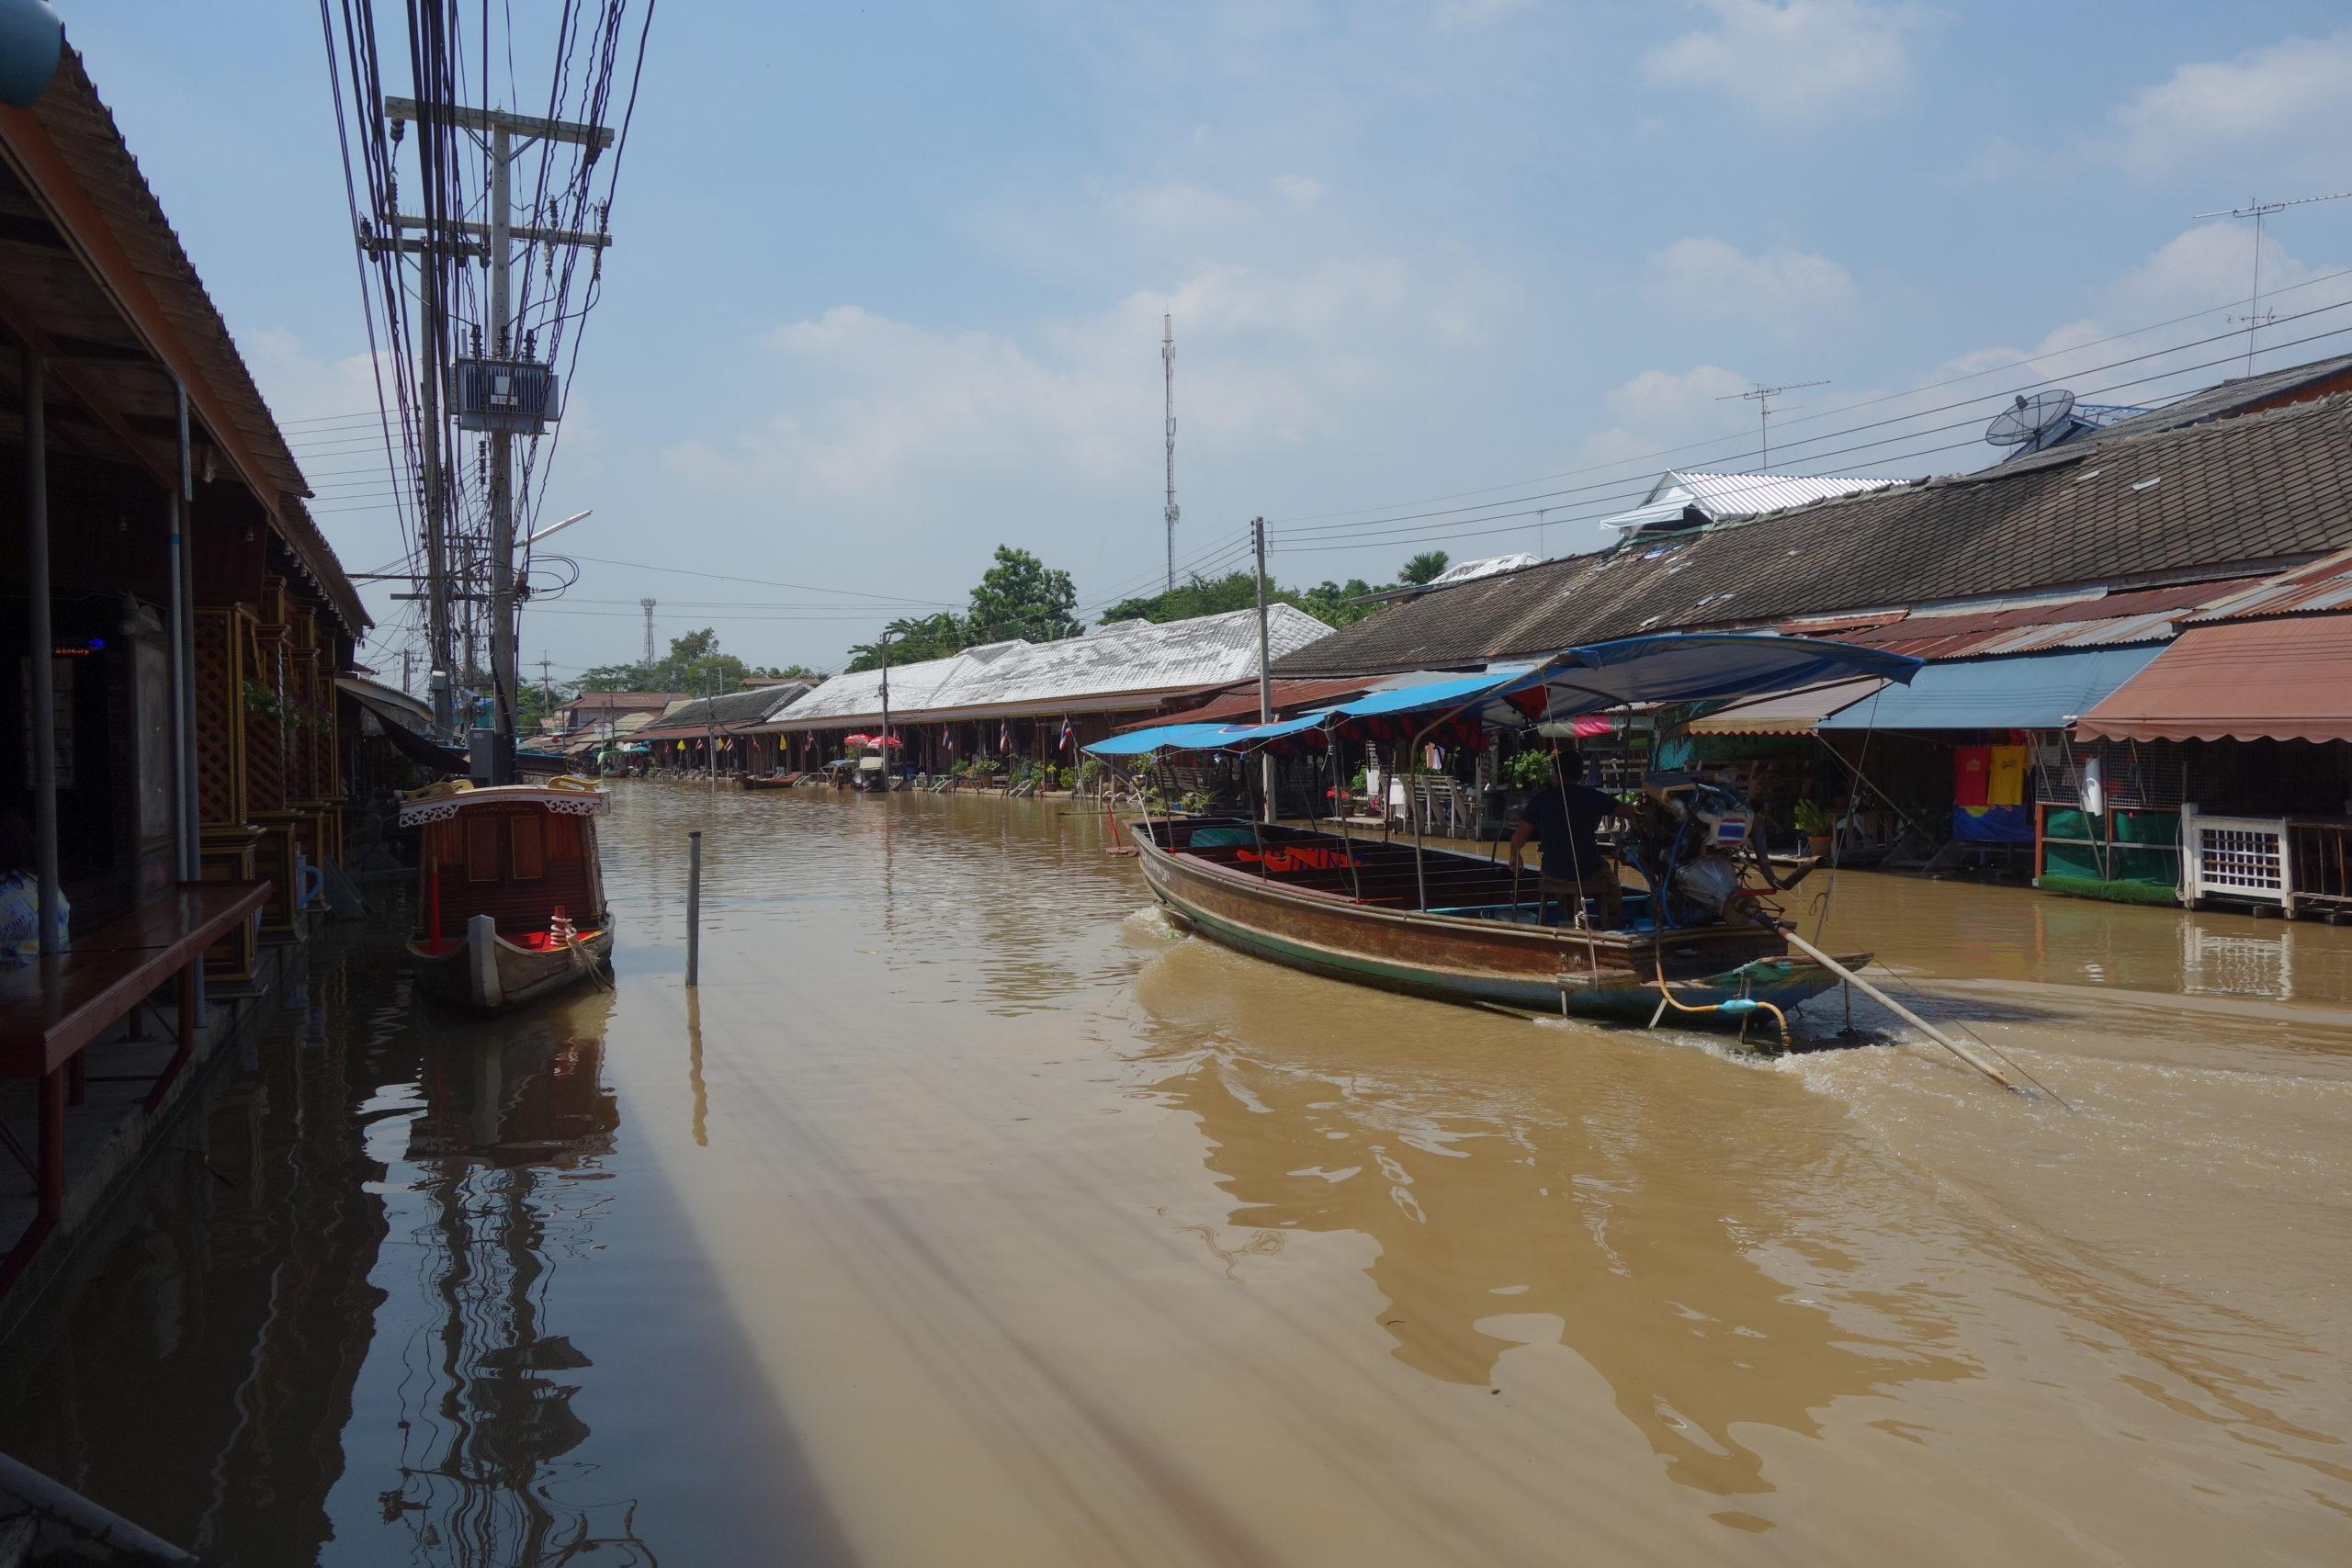 アムパワー(Amphawa)水上マーケット